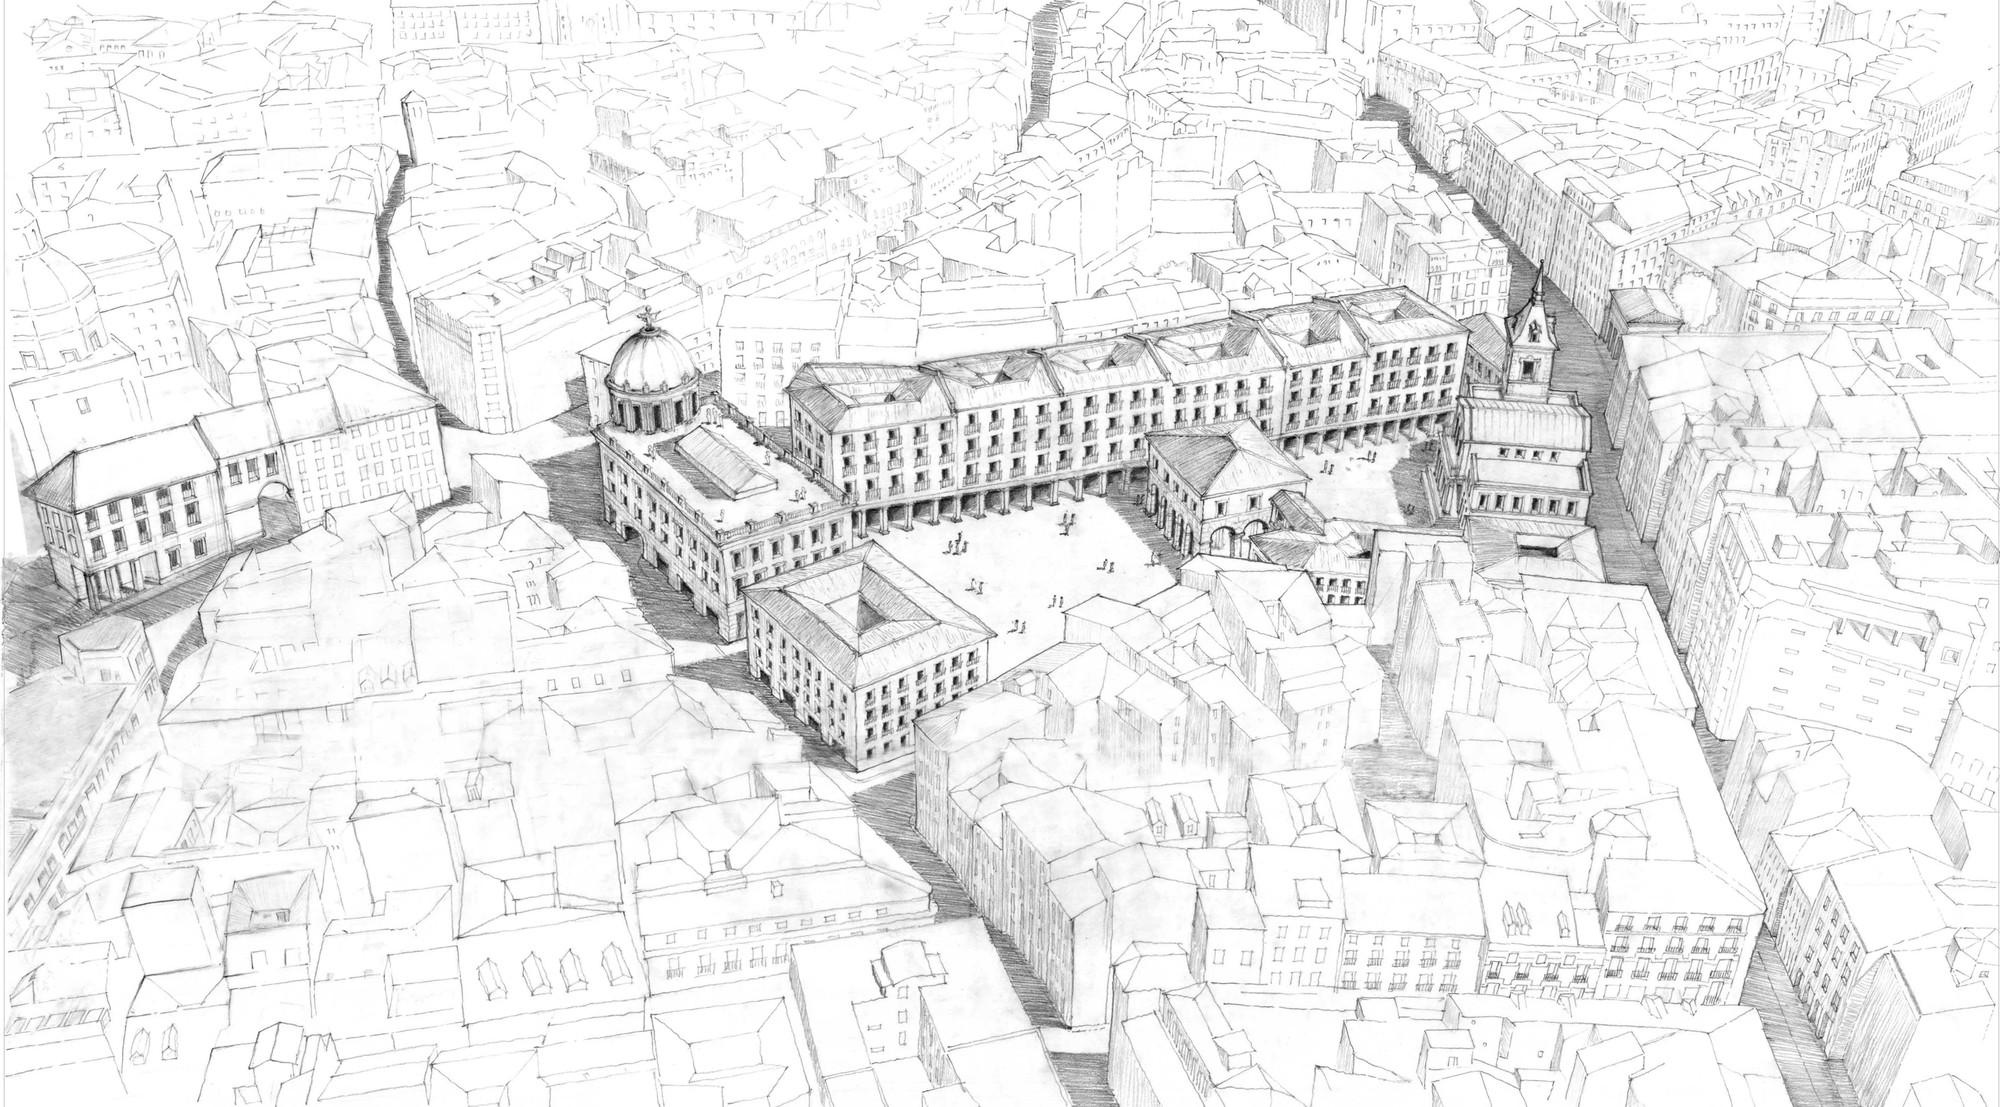 Equipo académico internacional propone alternativa urbana a futuro mall en Madrid, Perspectiva general. Image Courtesy of Equipo desarrollador